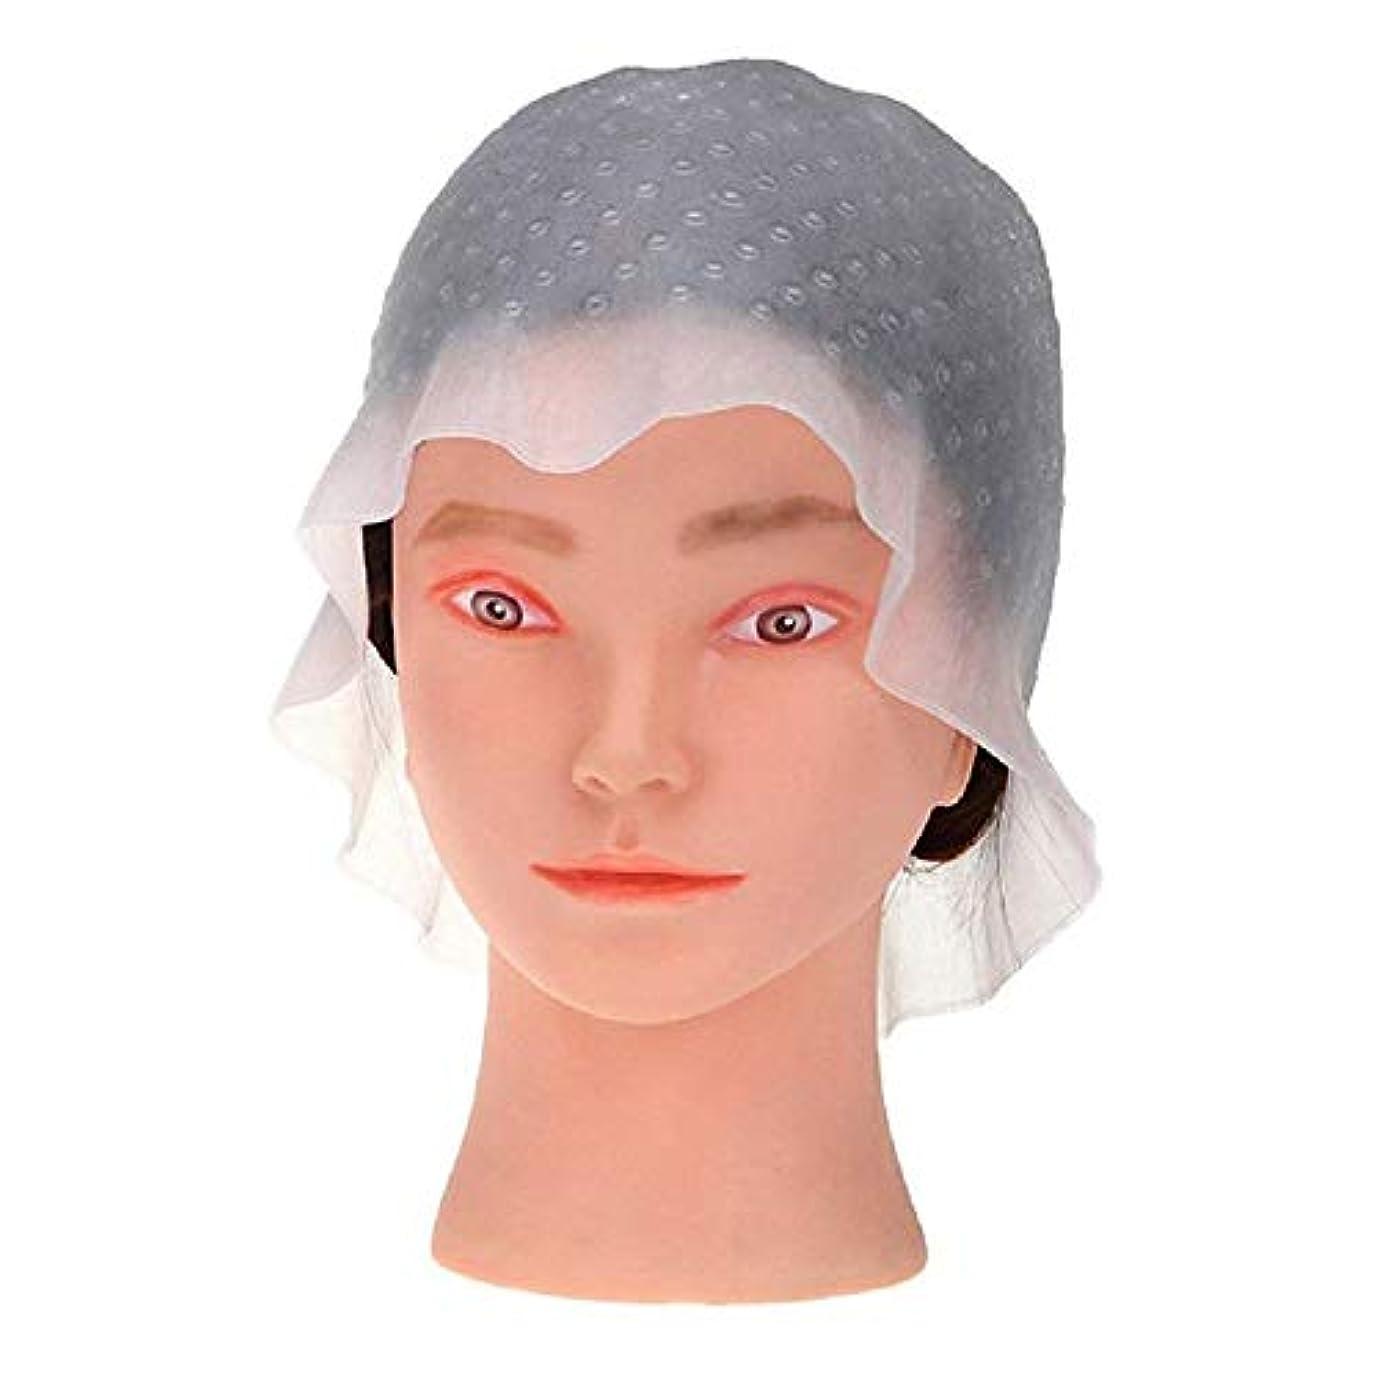 マウントバンクそう物思いにふけるヘアキャップ 髪染め用 毛染め ヘアカラー メッシュ シリコン ウィービング 使用やすい DIY 自宅 洗って使える 再利用可能